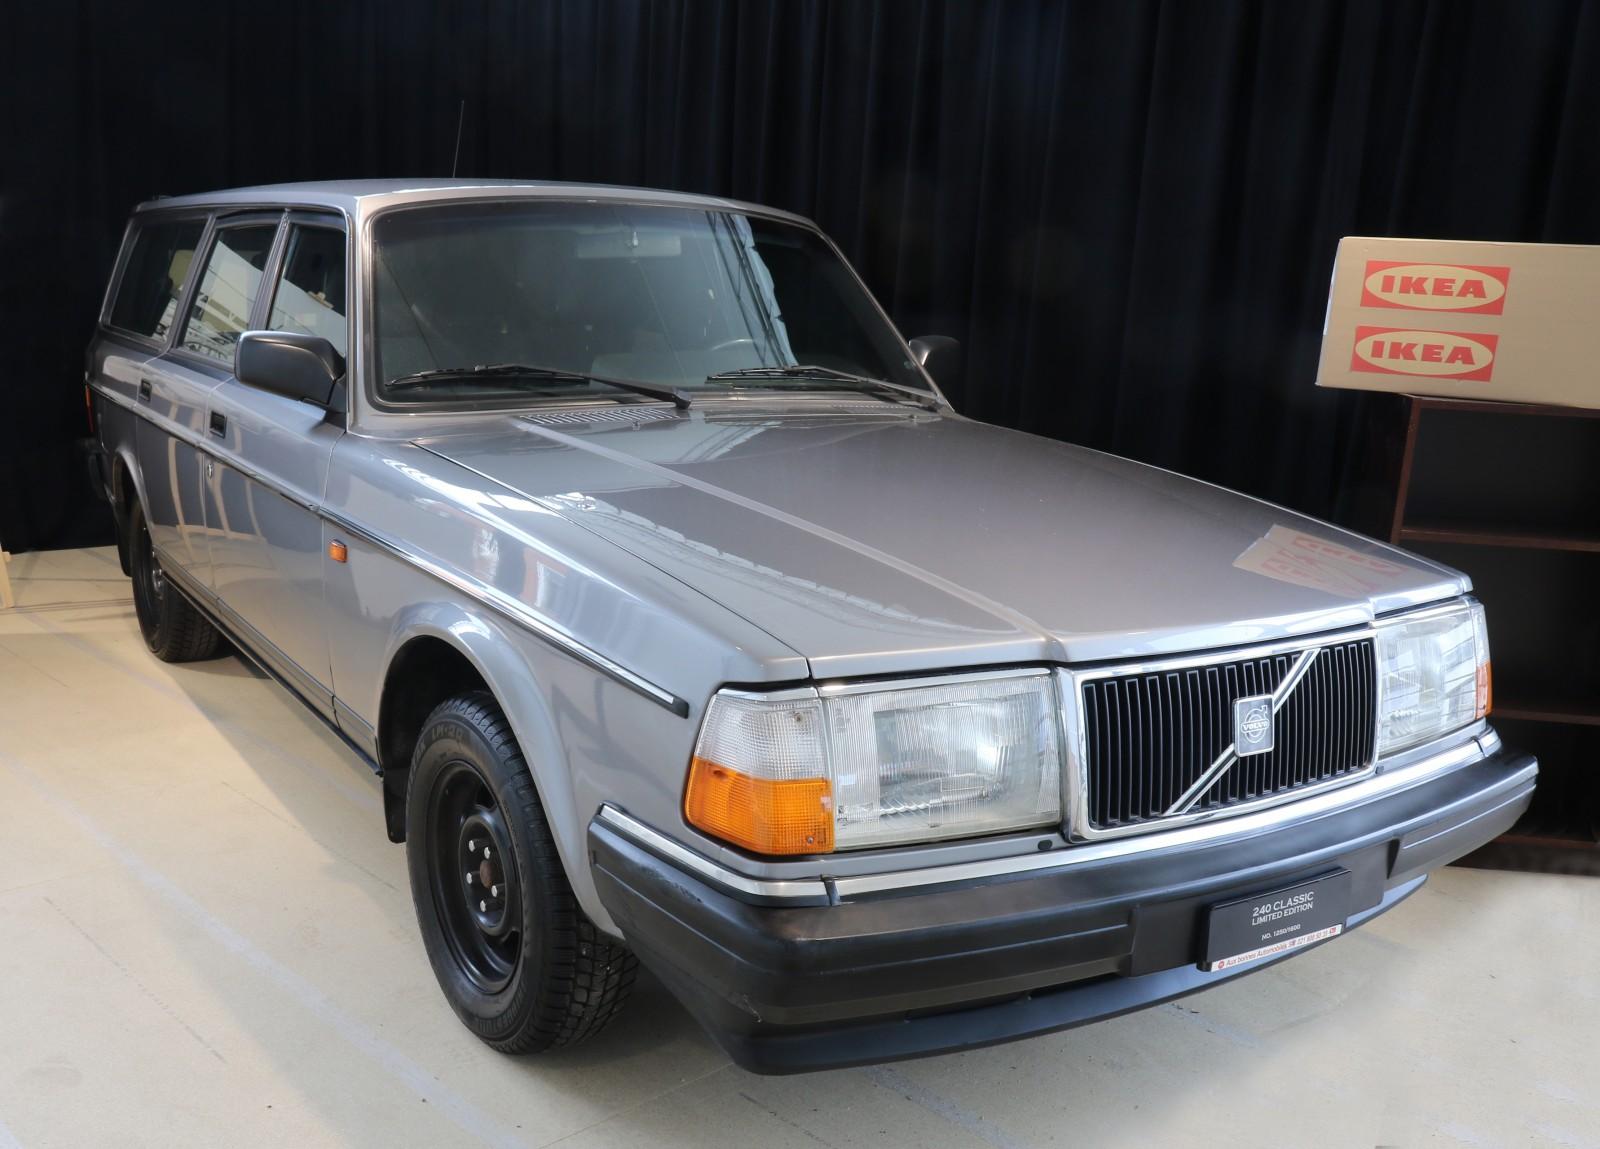 """Ikeas grundare Ingvar Kamprad hade en 240 GL 1993 vid sin bostad i Schweiziska Lausanne. I en intervju 2010 berättade han att han kanske måste byta den om den behövde för stora reparationer, """"Annars går den som en klocka"""" sa han till studenttidningen Lundagård. Ingvar Kamprad hade kvar bilen till sin död 2018."""